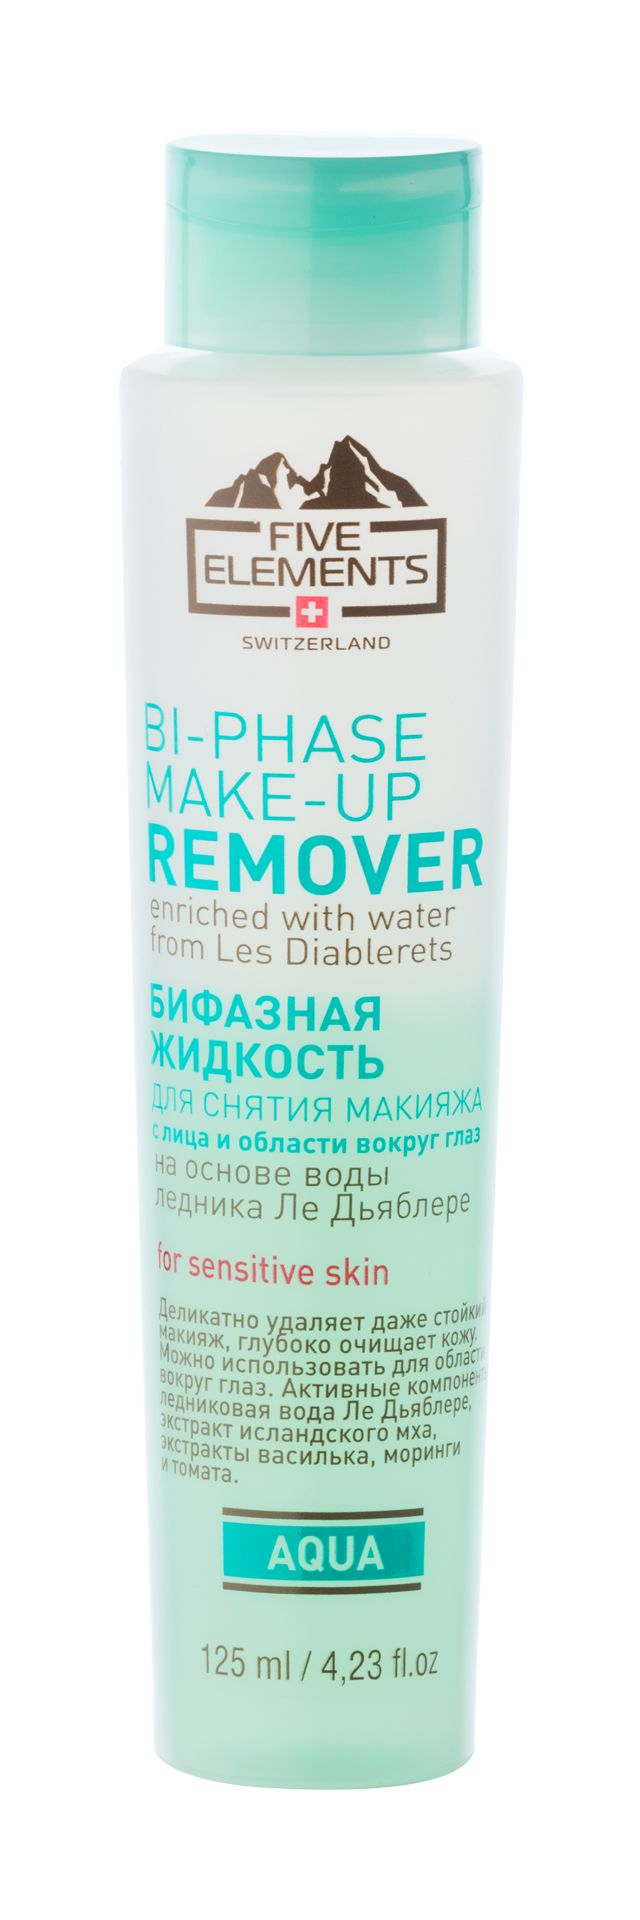 Бифазная жидкость для снятия макияжа на основе воды ледников Ле Дьяблере.      Мягкая и успокаивающая бифазная жидкость тщательно очищает и освежает самую деликатную кожу, в том числе кожу вокруг глаз. Благодаря ее успокаивающим  и очищающим компонентам, а так же наличию липидной фракции, он эффективно удаляет даже очень стойкий макияж, не пересушивая кожу и оставляя чувство свежести и комфорта.     Применение: Встряхните флакон, при помощи ватного диска осторожно удалите макияж.  Для ...